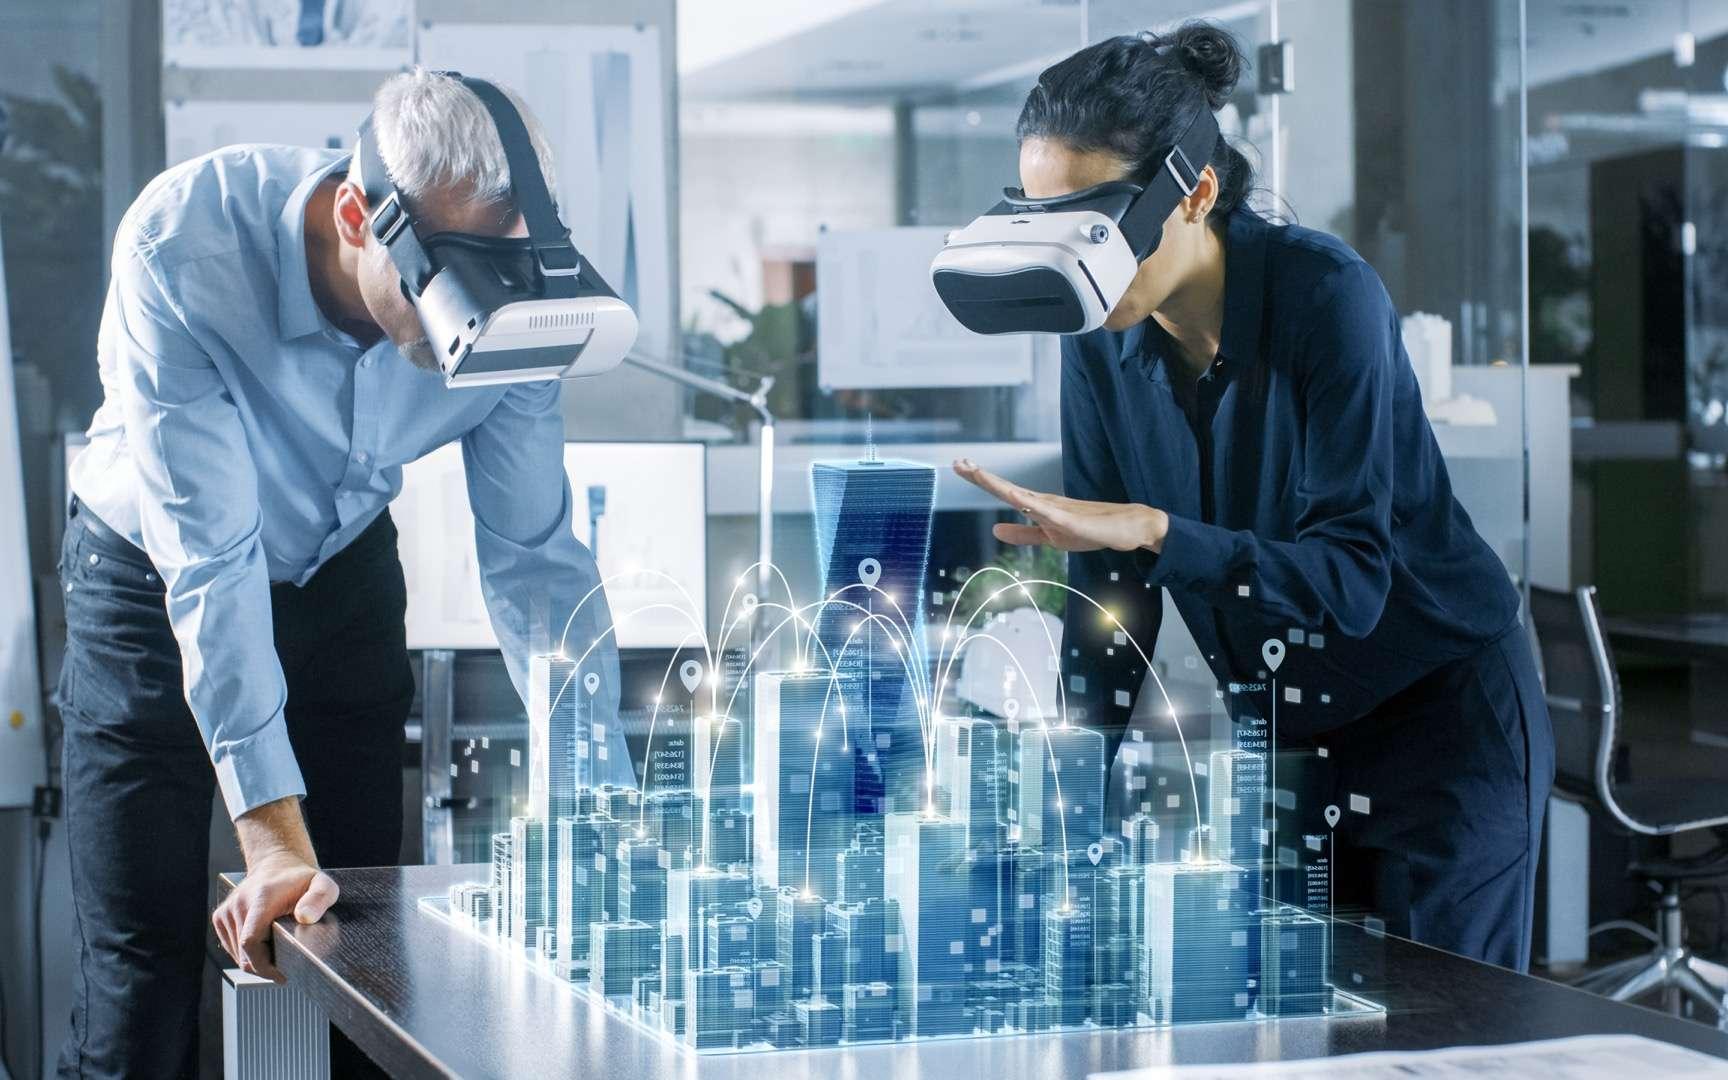 Les deux leaders, Bouygues Construction et Dassault Systèmes s'associent pour accélérer la transformation numérique du secteur de la construction. © Gorodenkoff, Adobe Stock